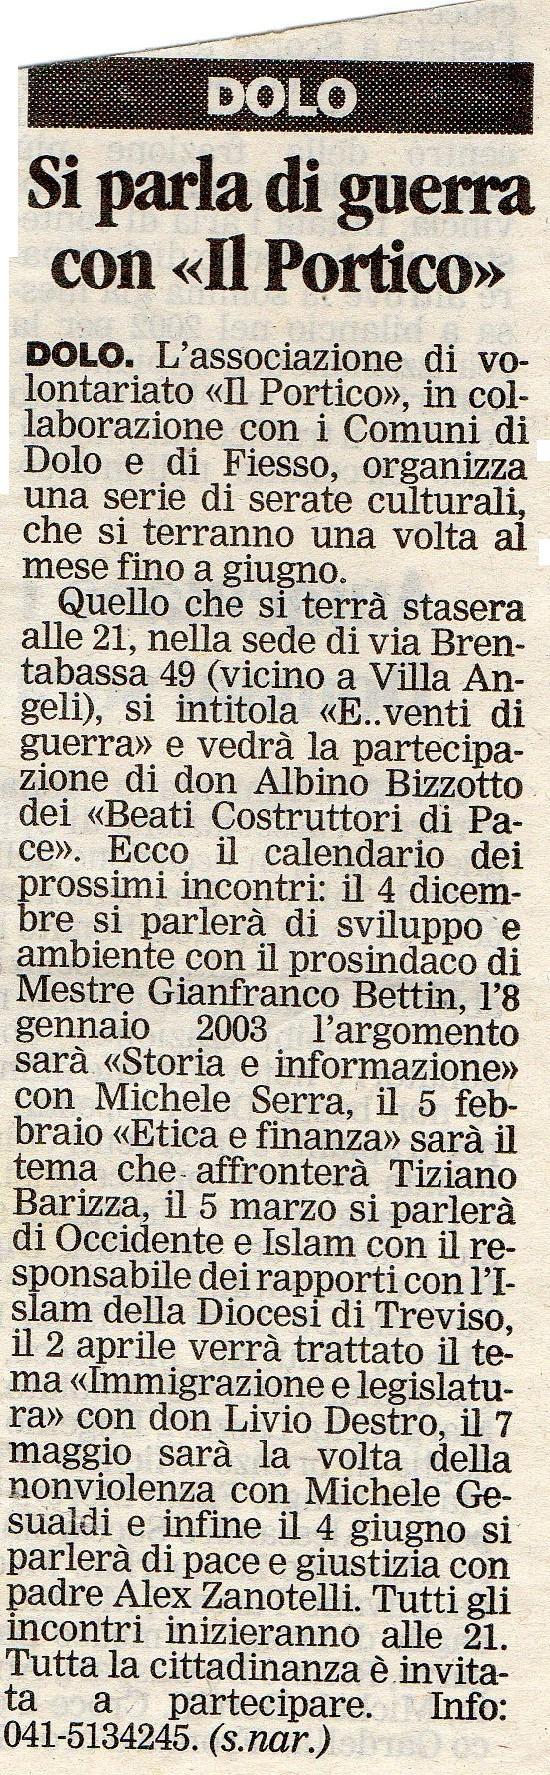 2002.11.15 La Nuova